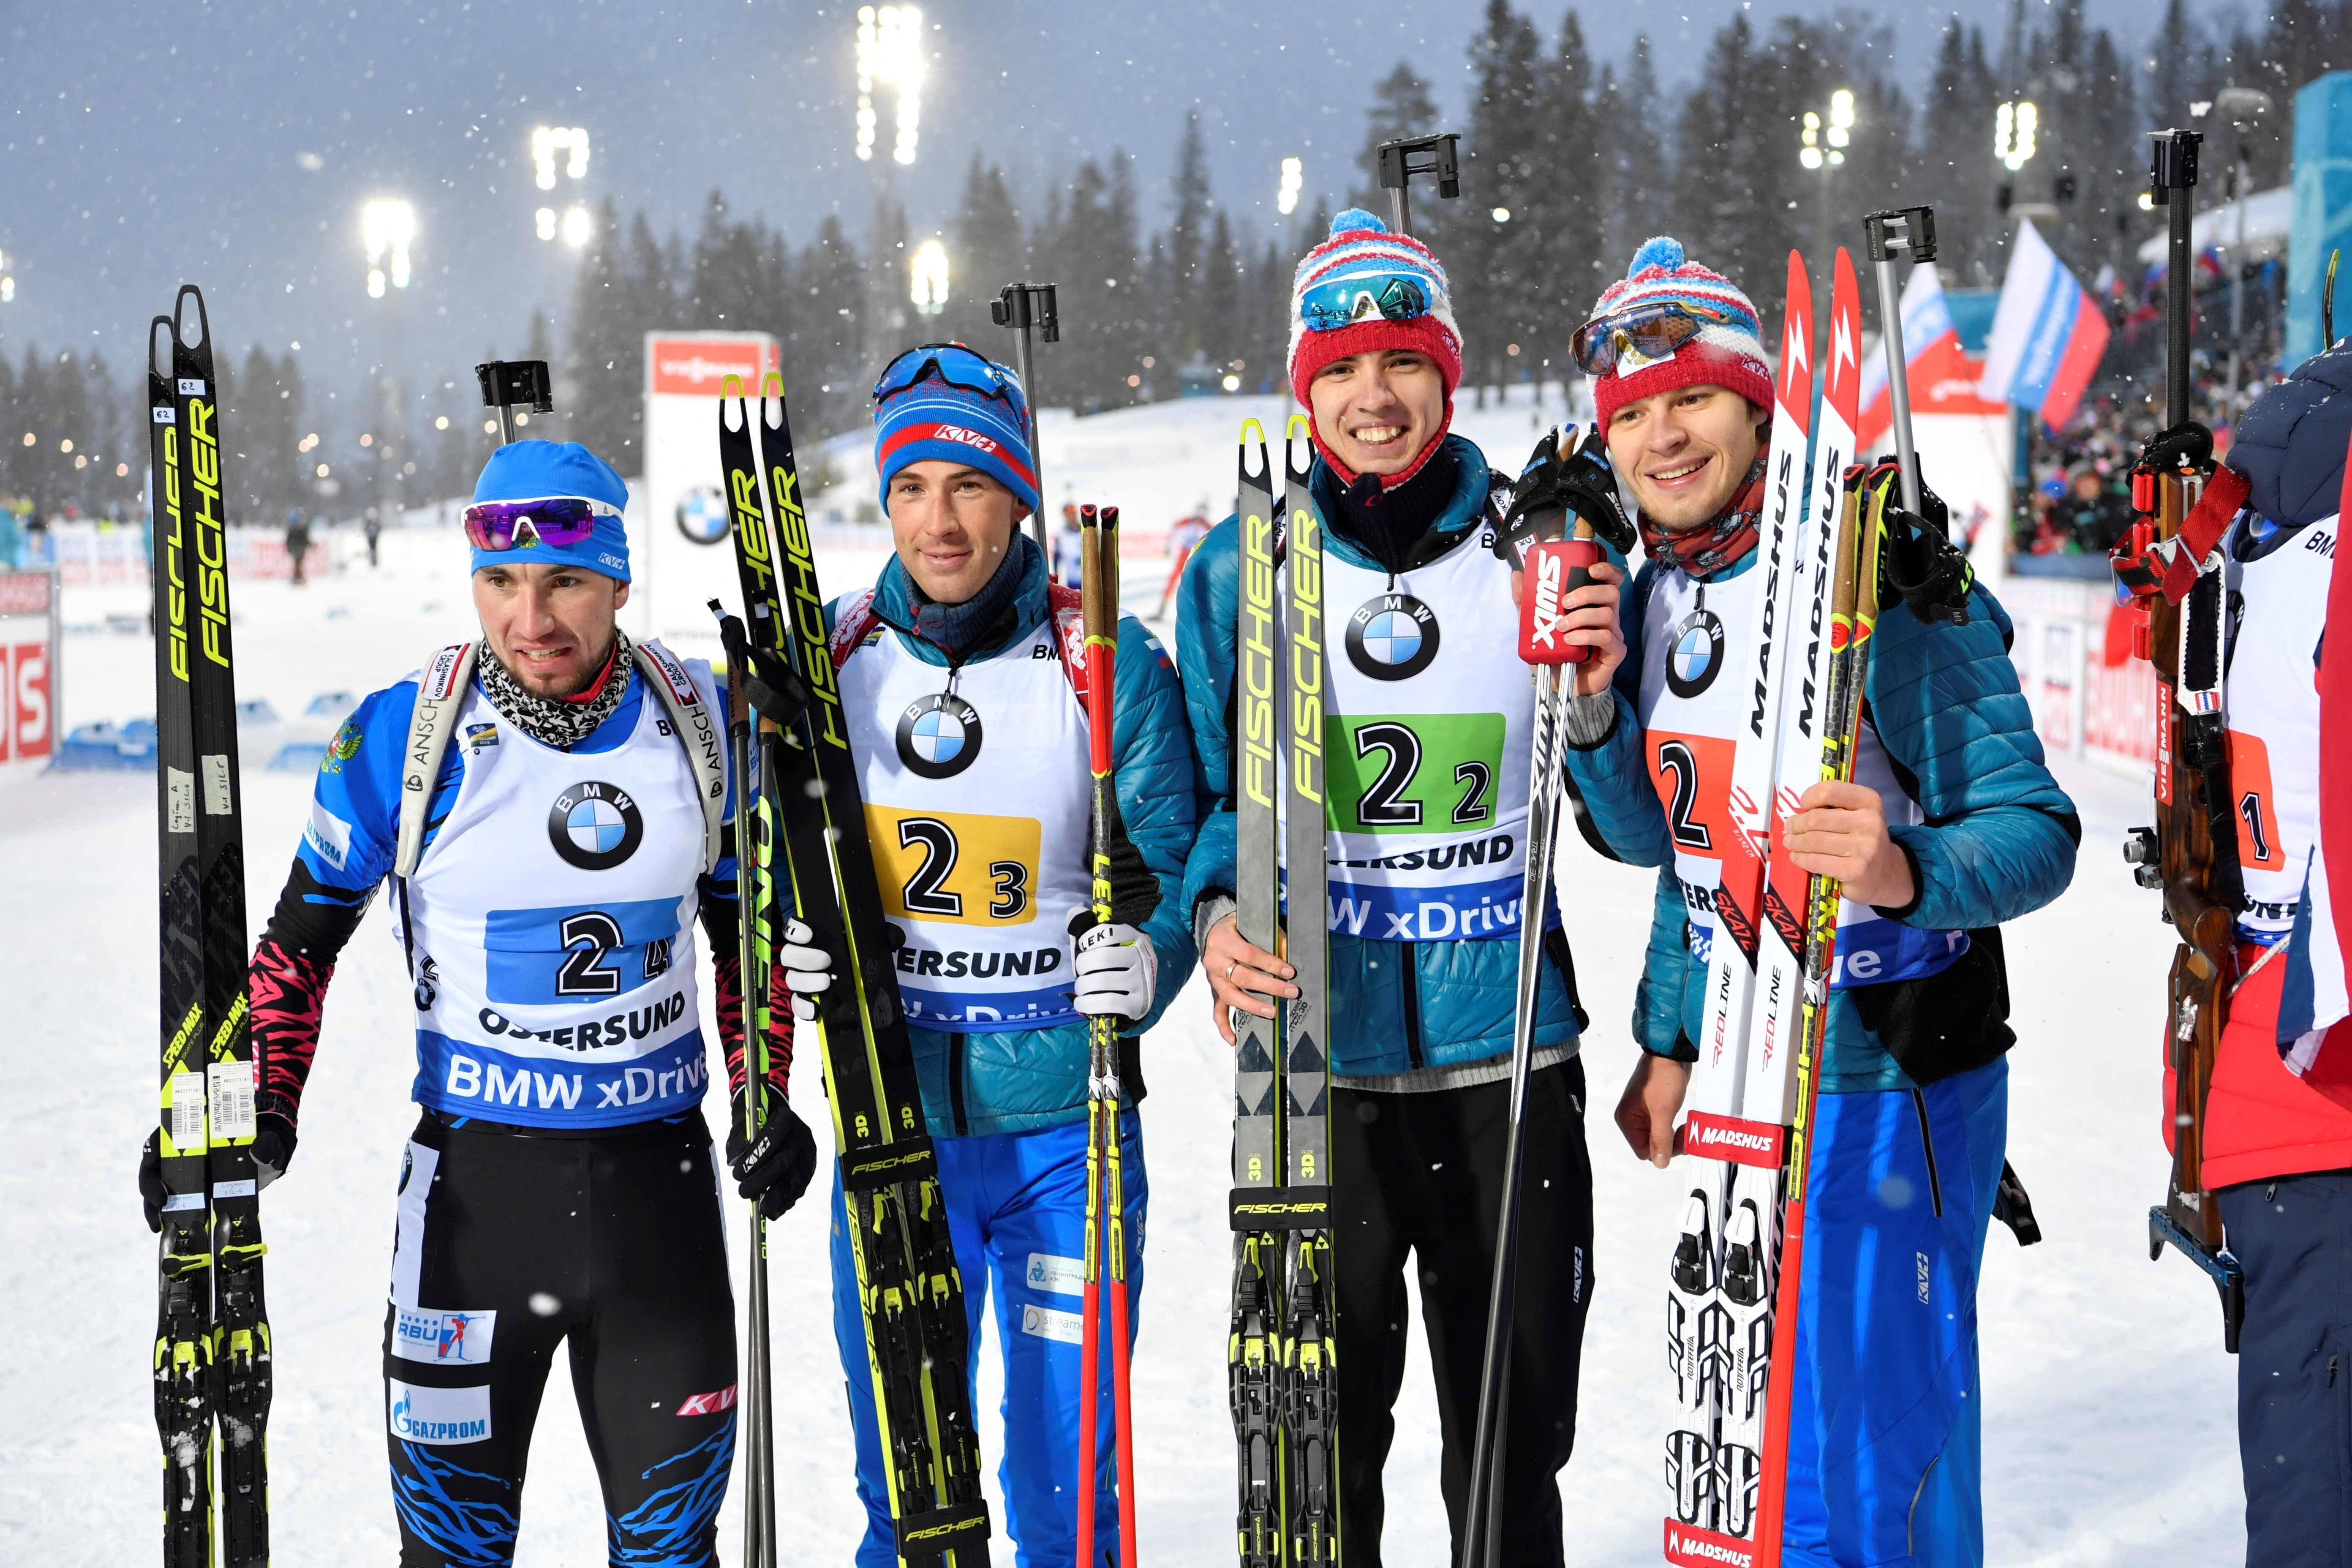 Чемпионат Европы по биатлону 2019 — состав сборной России